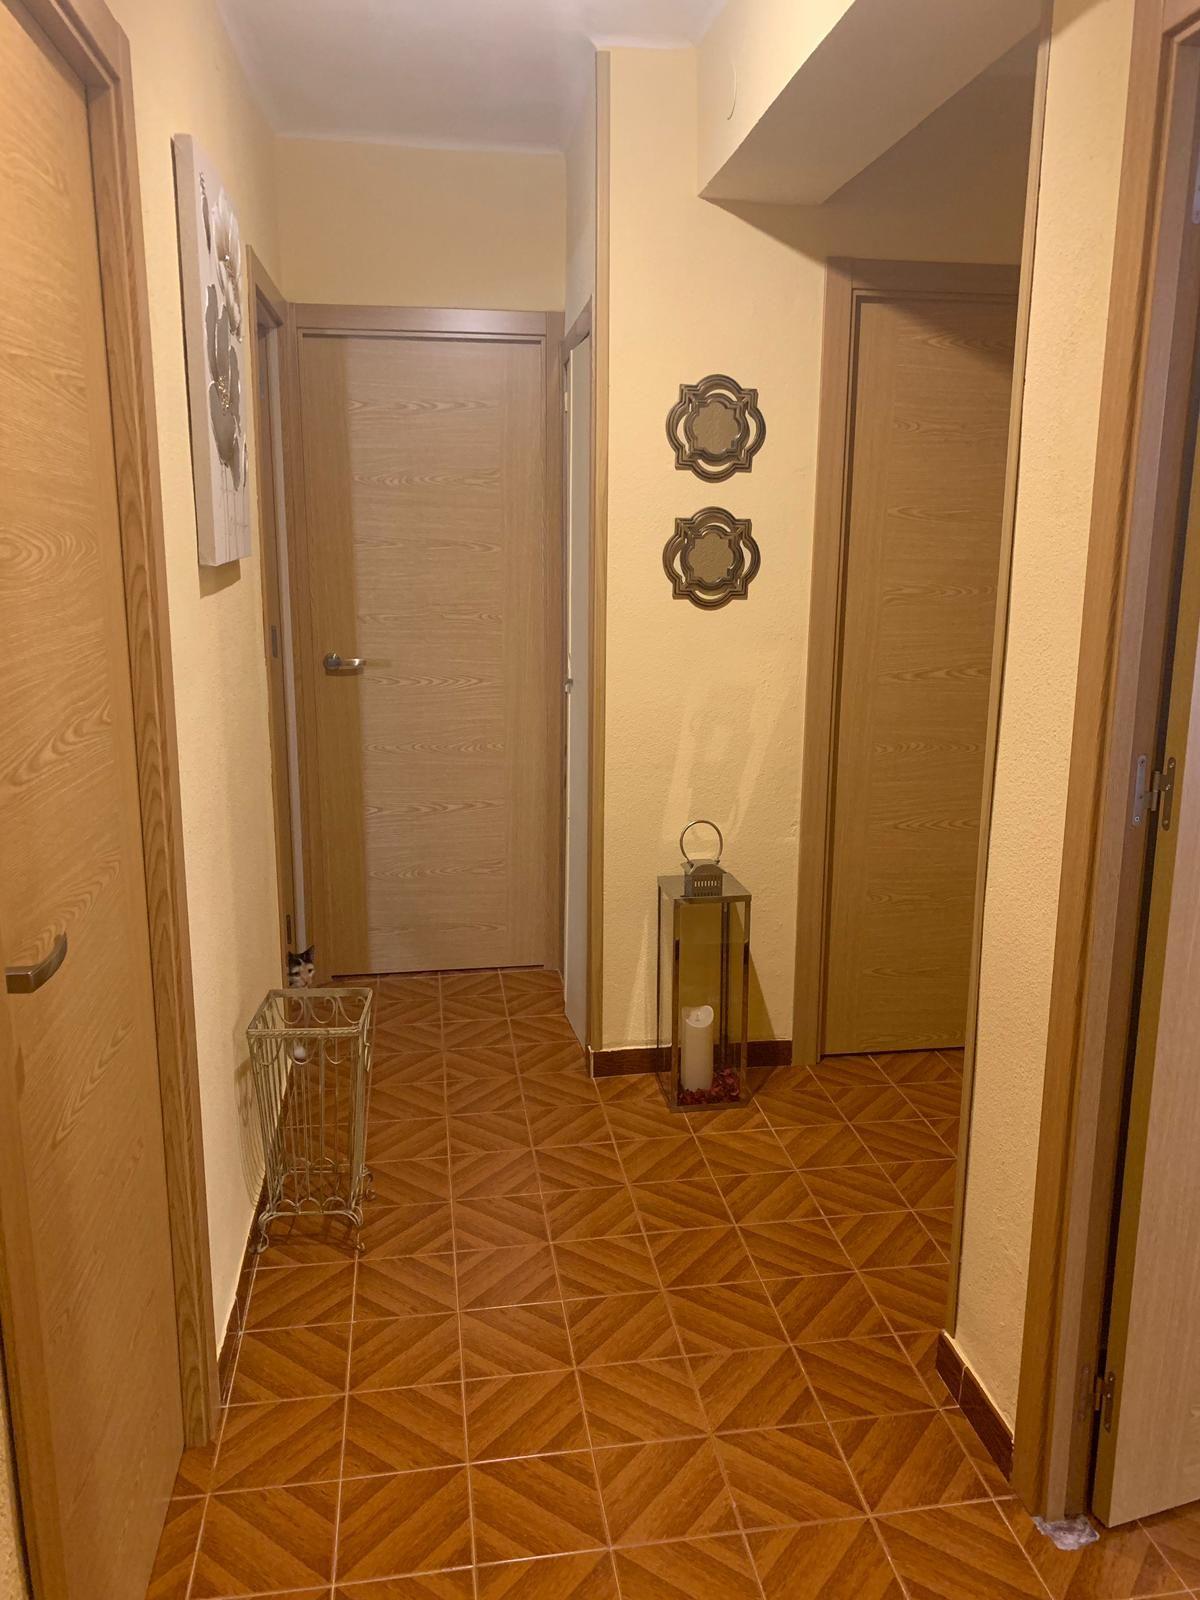 Piso en venta en Jaén, Jaén, Calle Nuñez de Balboa, 66.000 €, 3 habitaciones, 1 baño, 90 m2